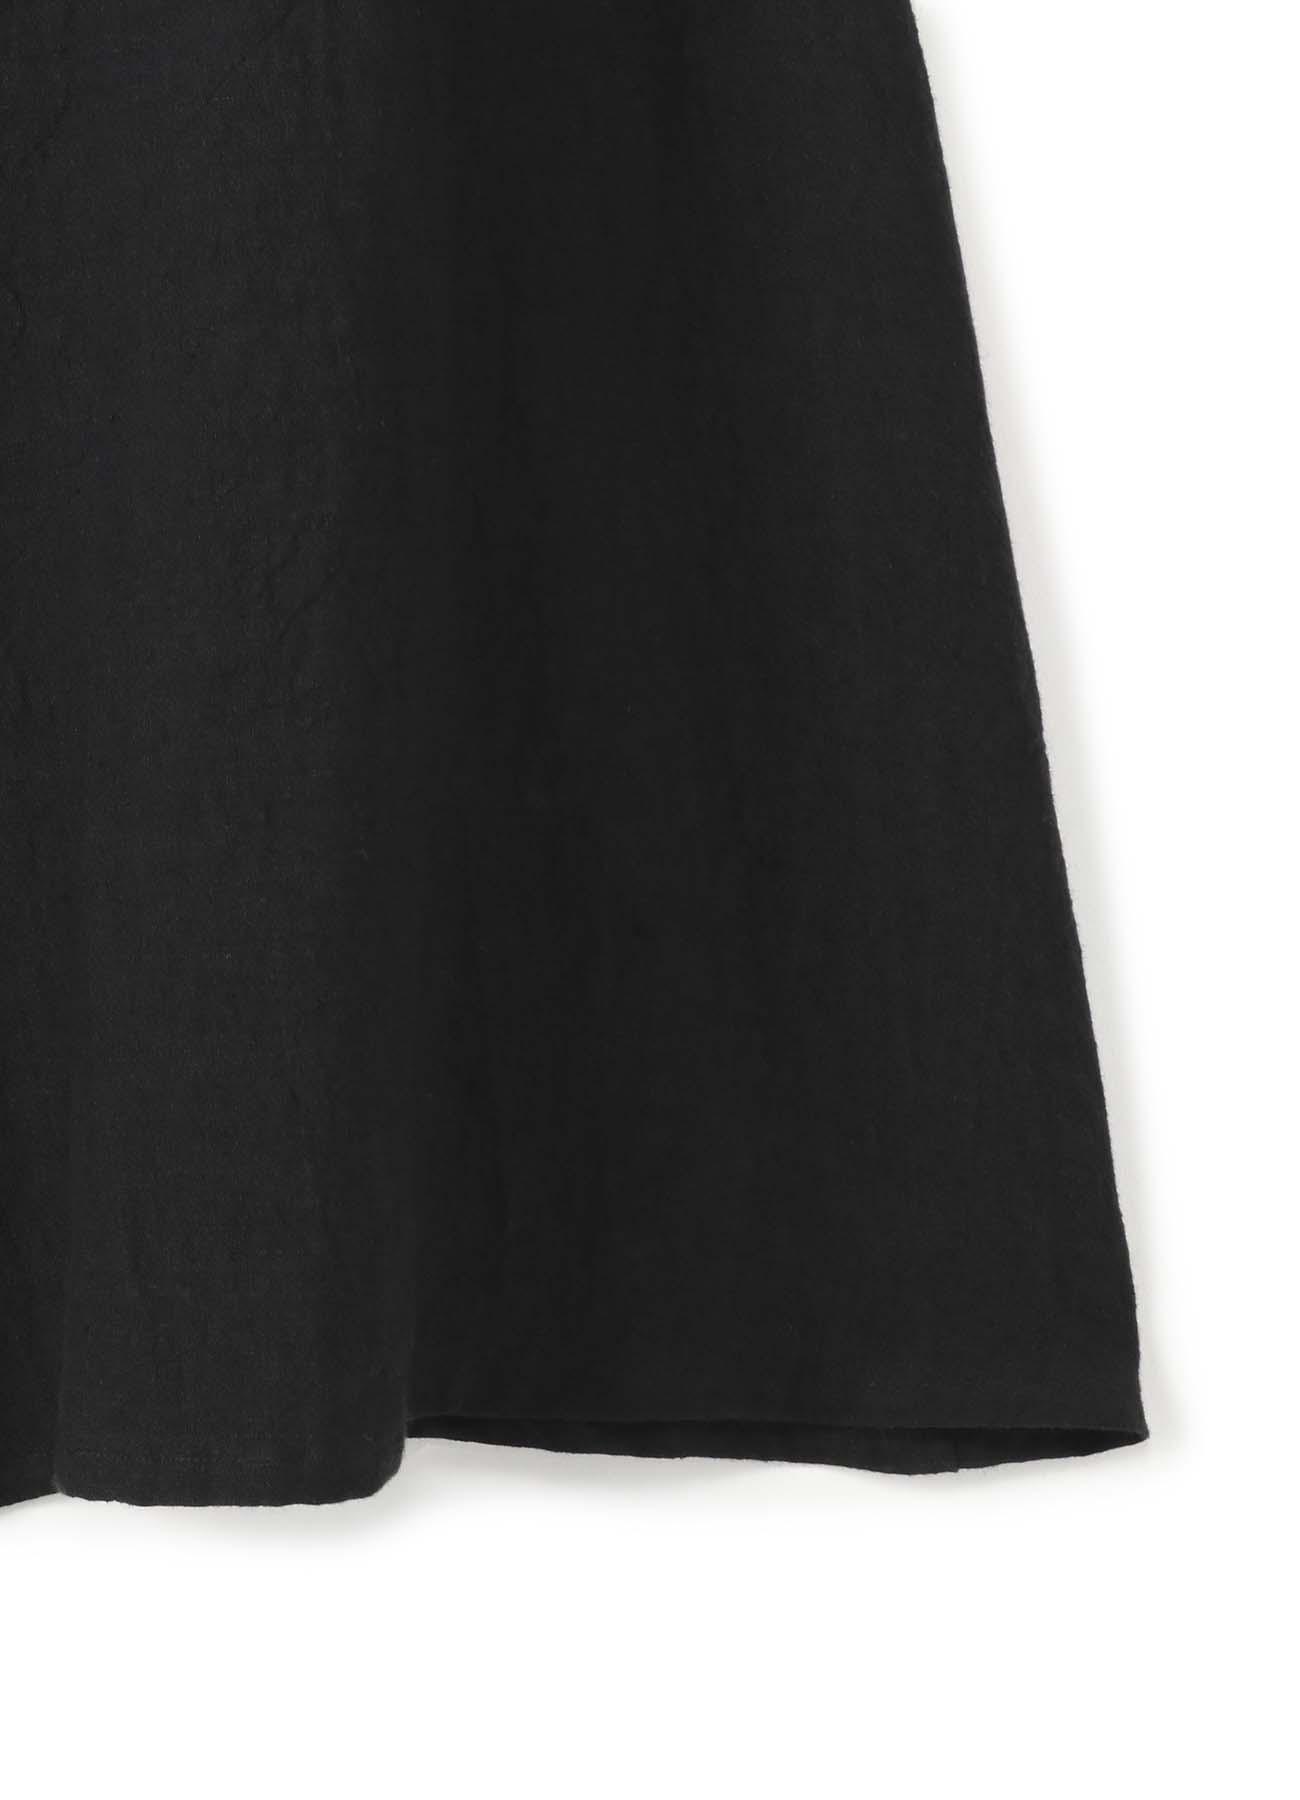 硫化クロス フラシ布付パンツ